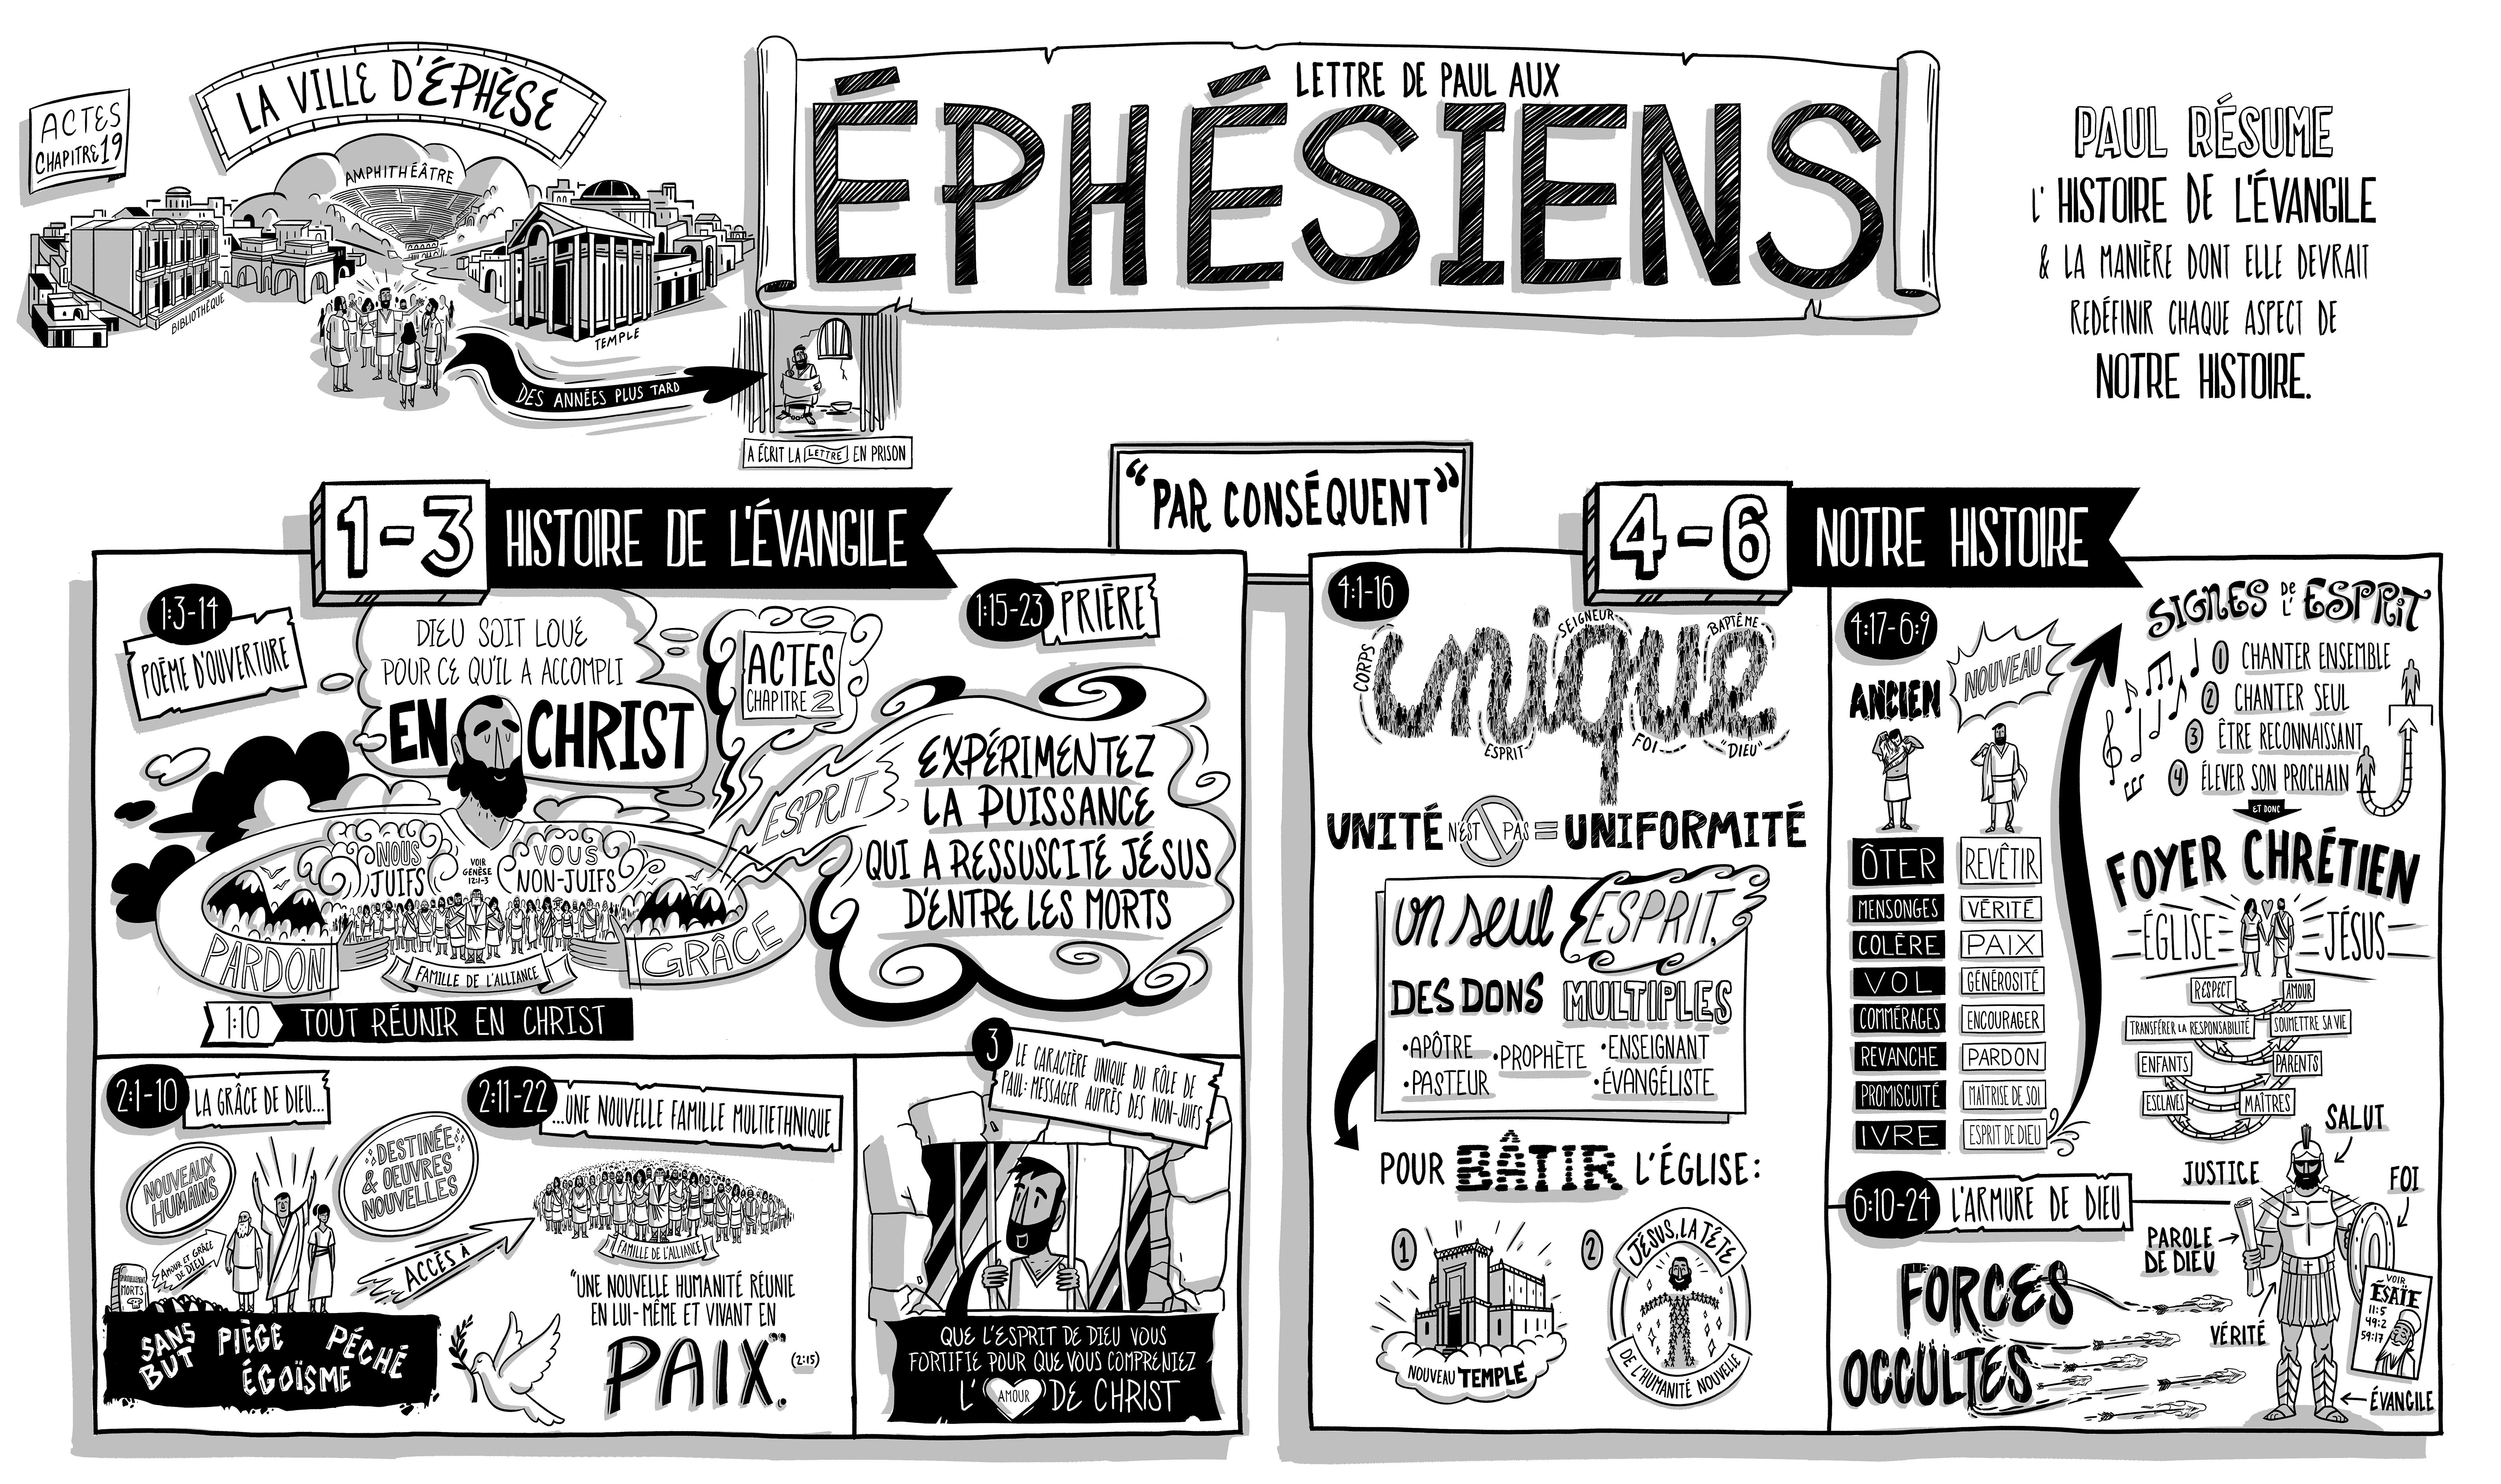 Topbible Lire Et Ecouter La Bible En Ligne Gratuitement Dans 11 Versions Differentes Topchretien